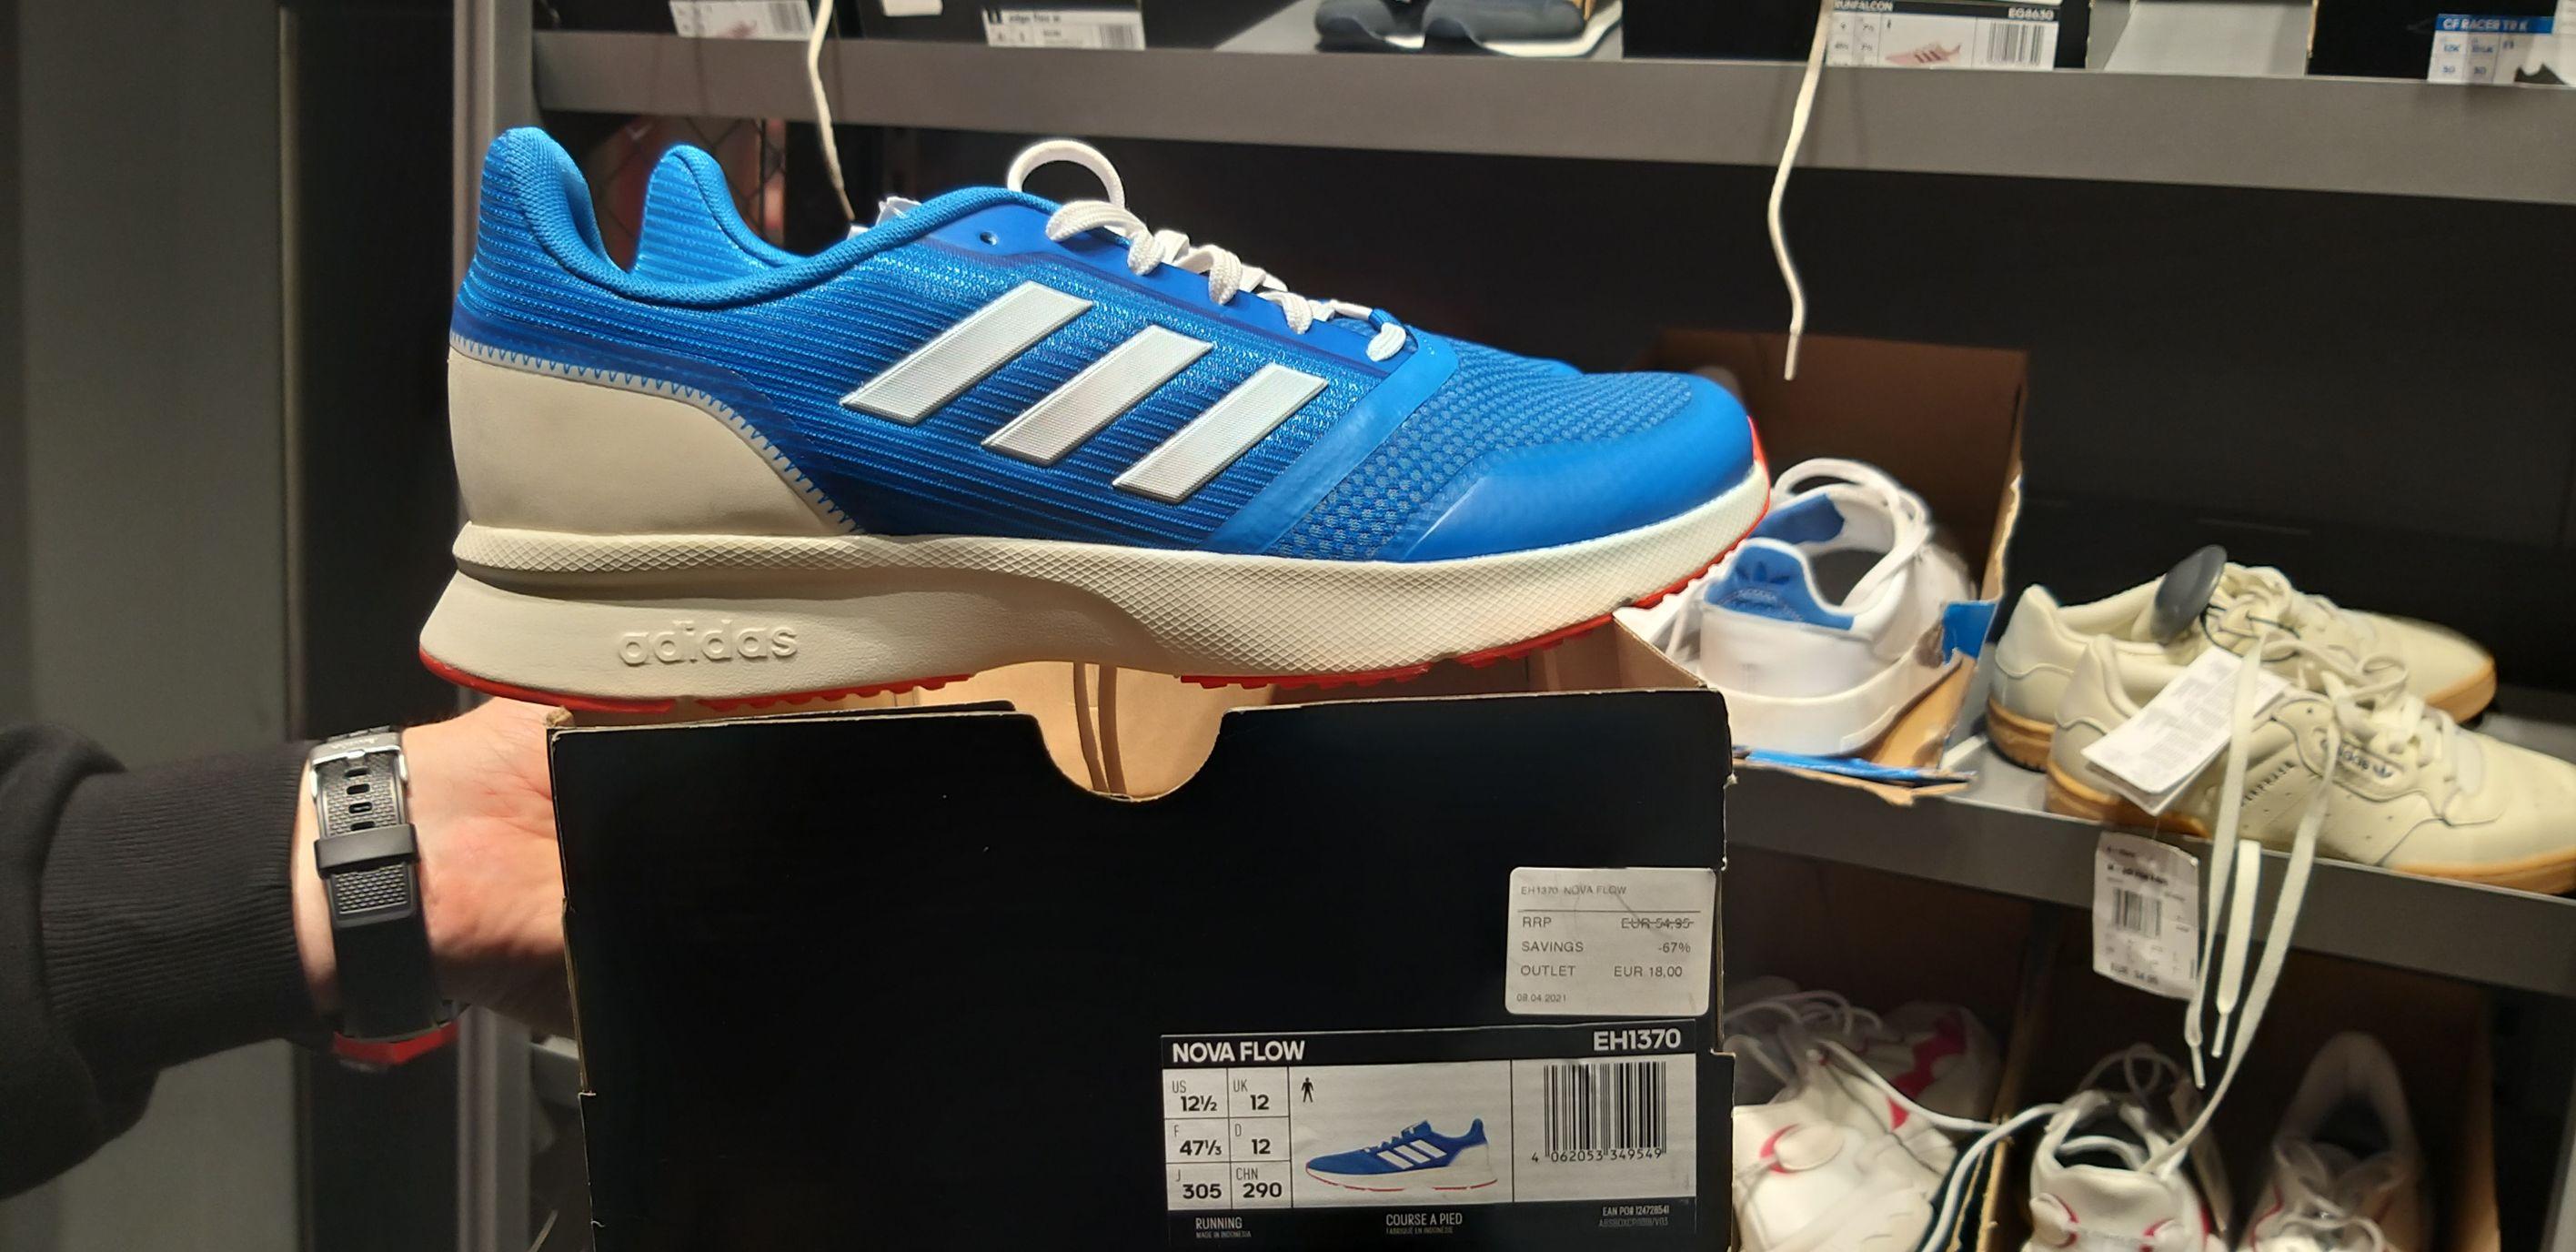 Adidas Nova Flow (número 47,5) en Adidas de The Style Outlet Getafe18€